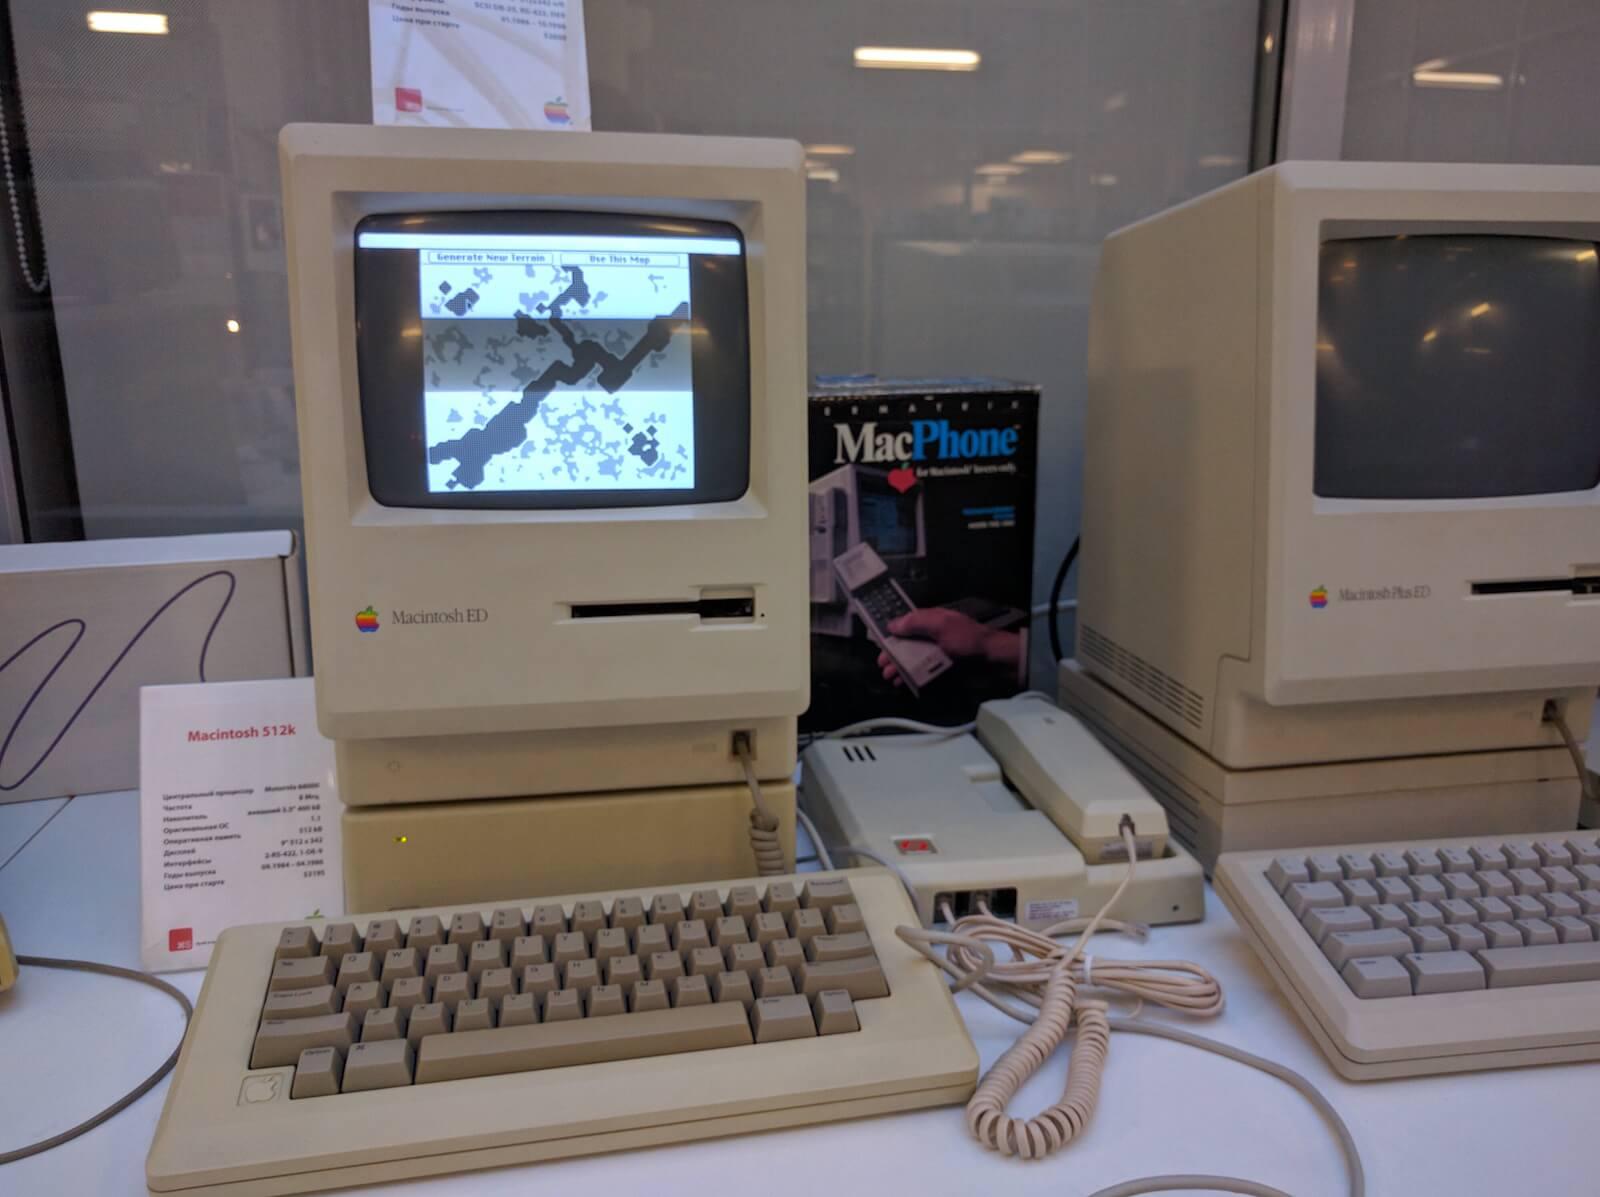 Мacintosh 512k, 1984 г., $3195